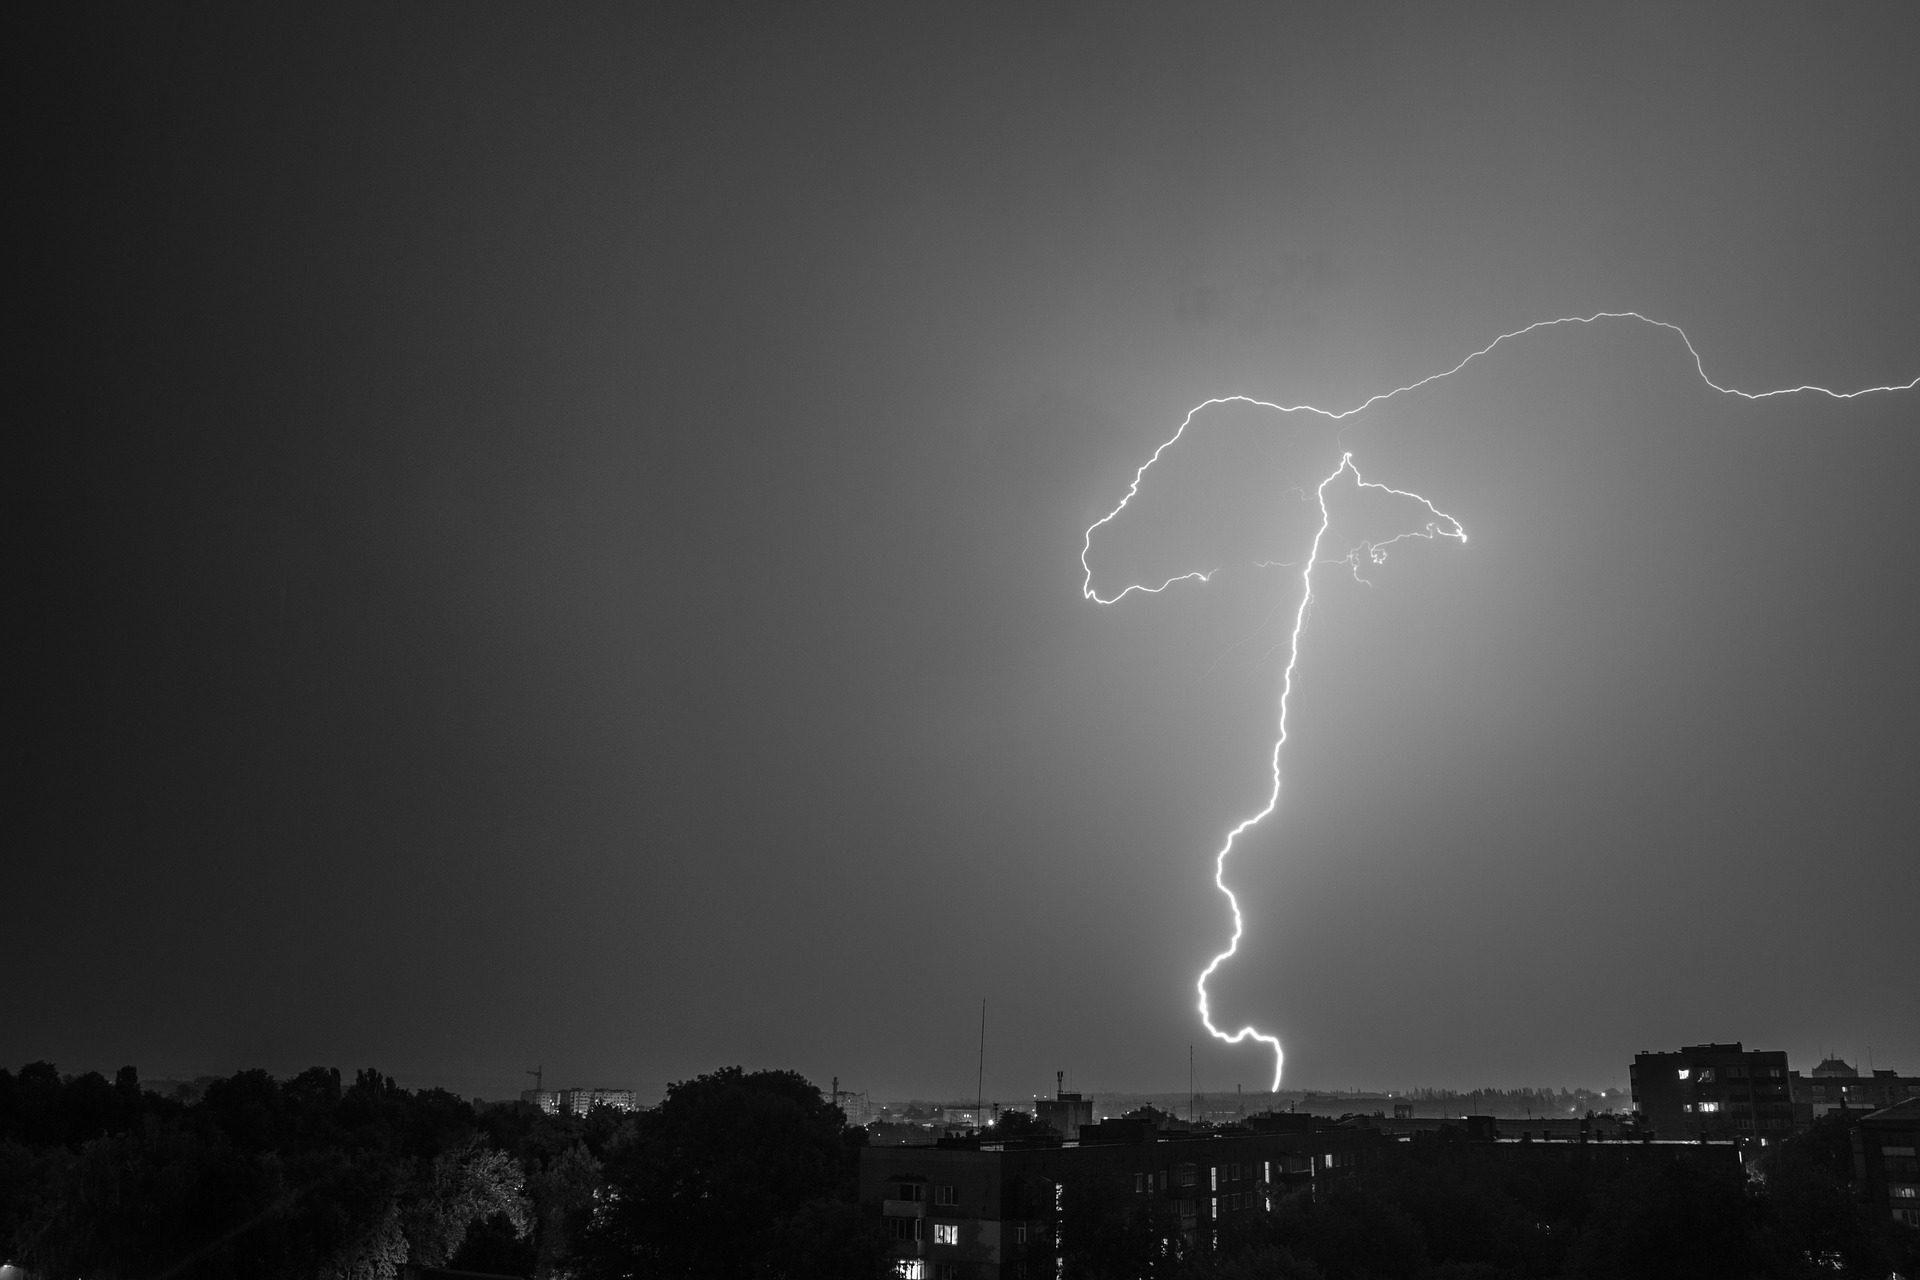 Cielo, notte, Ray, Tempesta, Città, in bianco e nero - Sfondi HD - Professor-falken.com